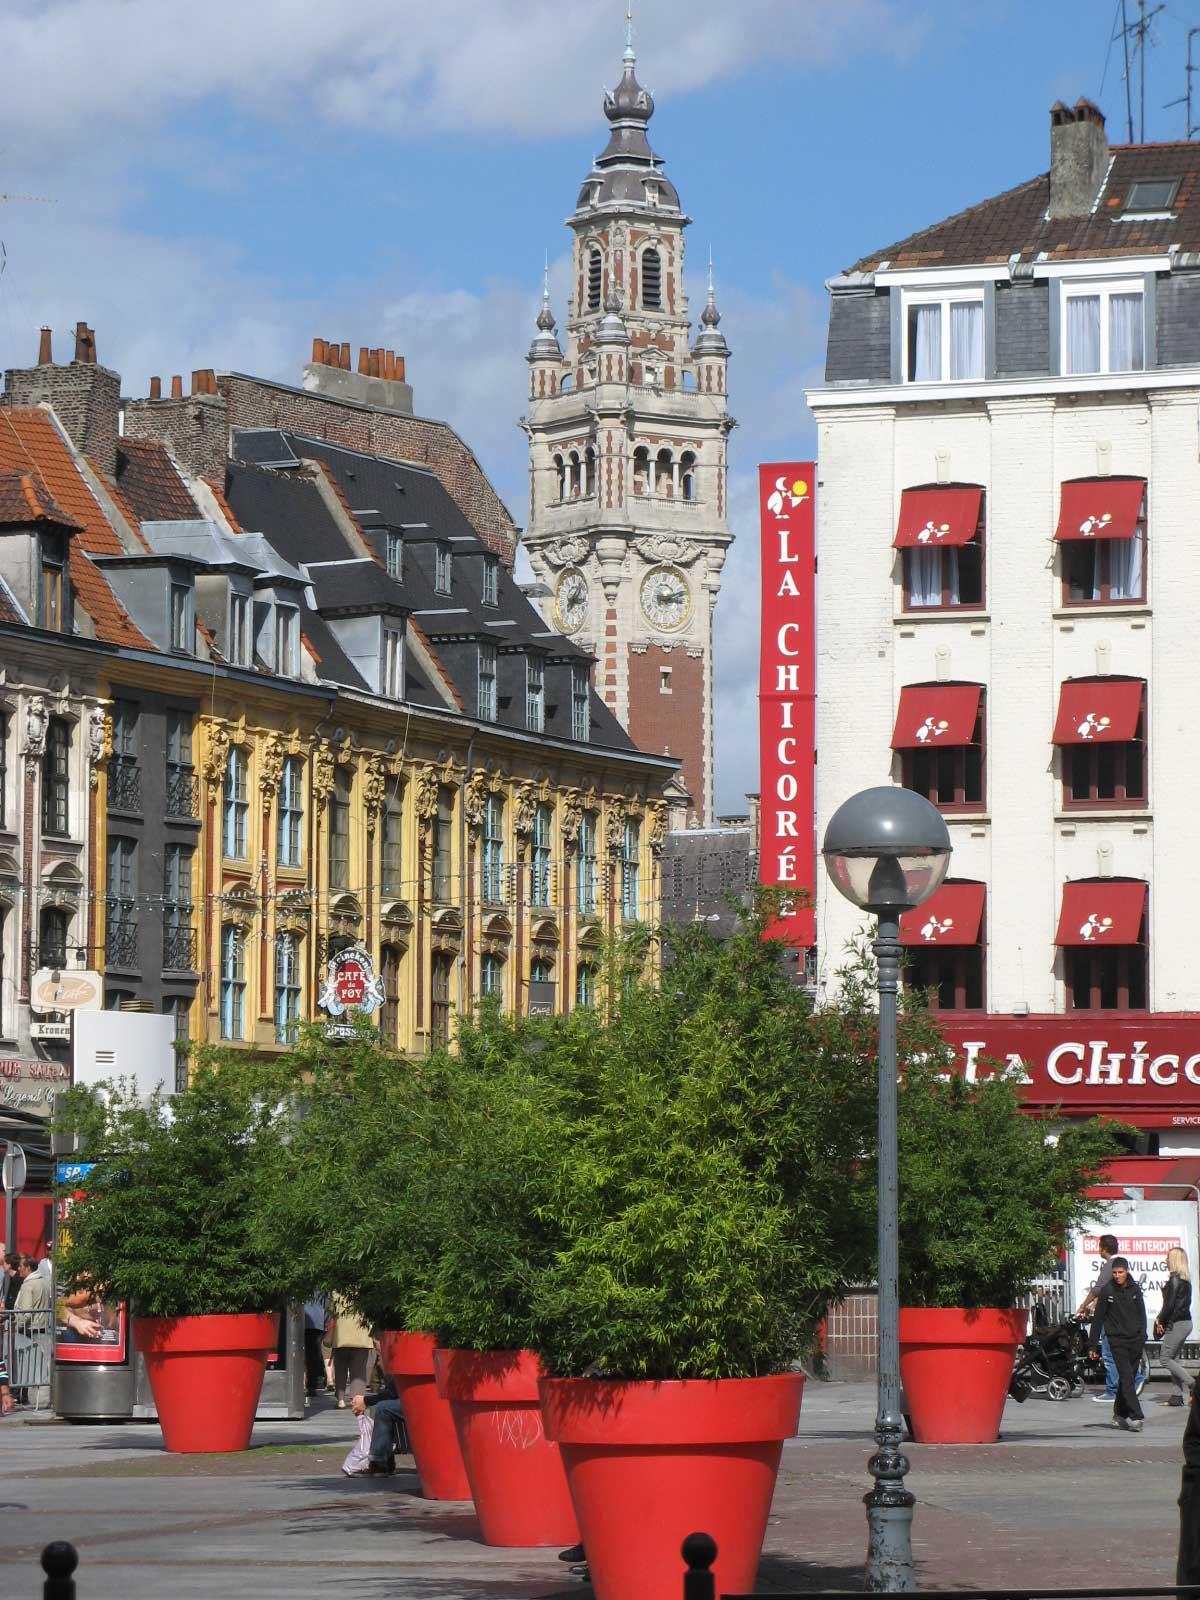 Hertz Car Rental Bayeux France